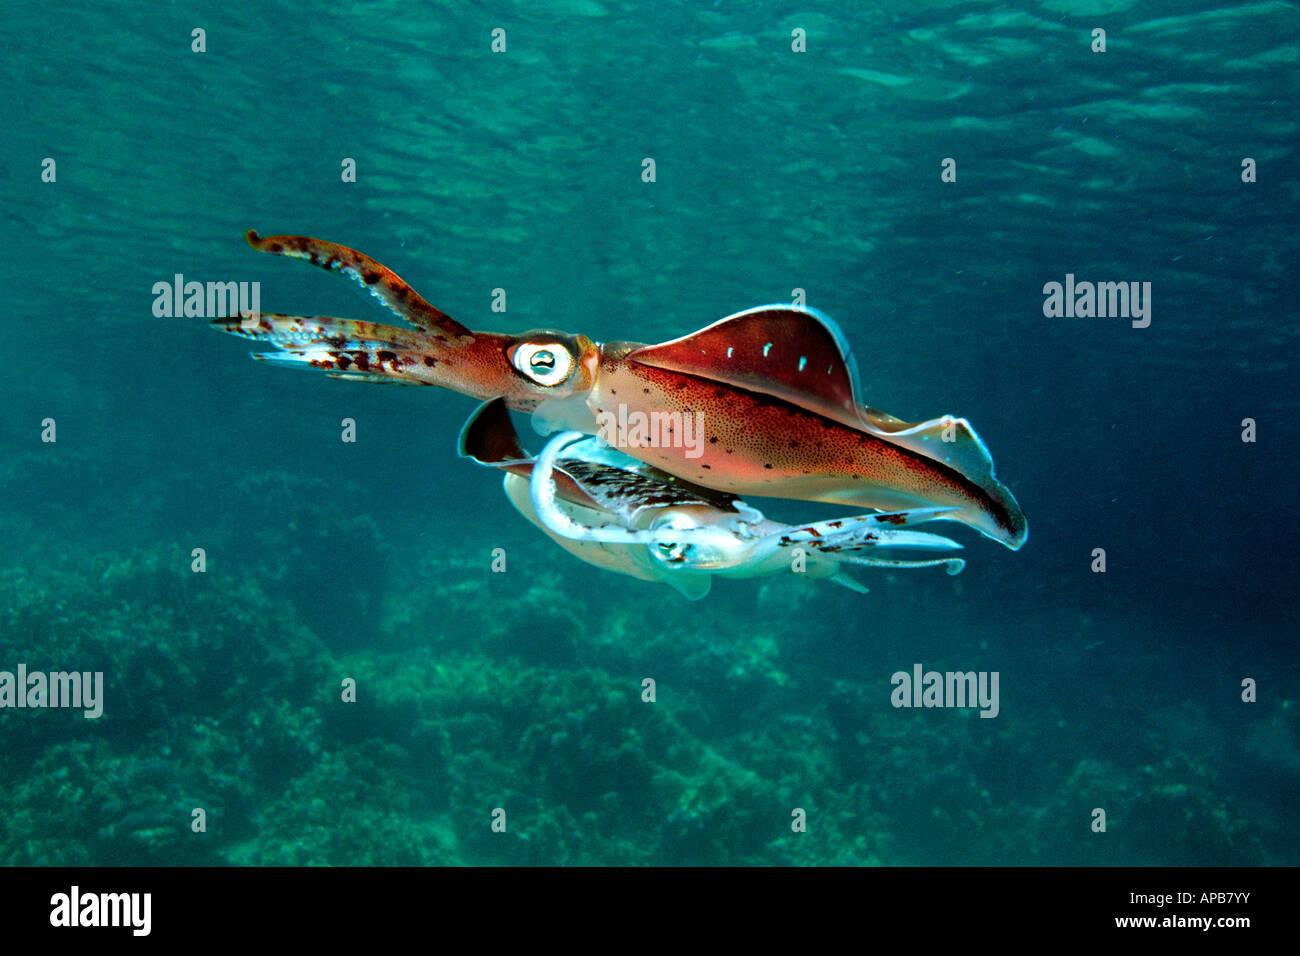 Caribbean reef squid threat display Sepioteuthis sepioidea Venezuela Atlantic Ocean - Stock Image